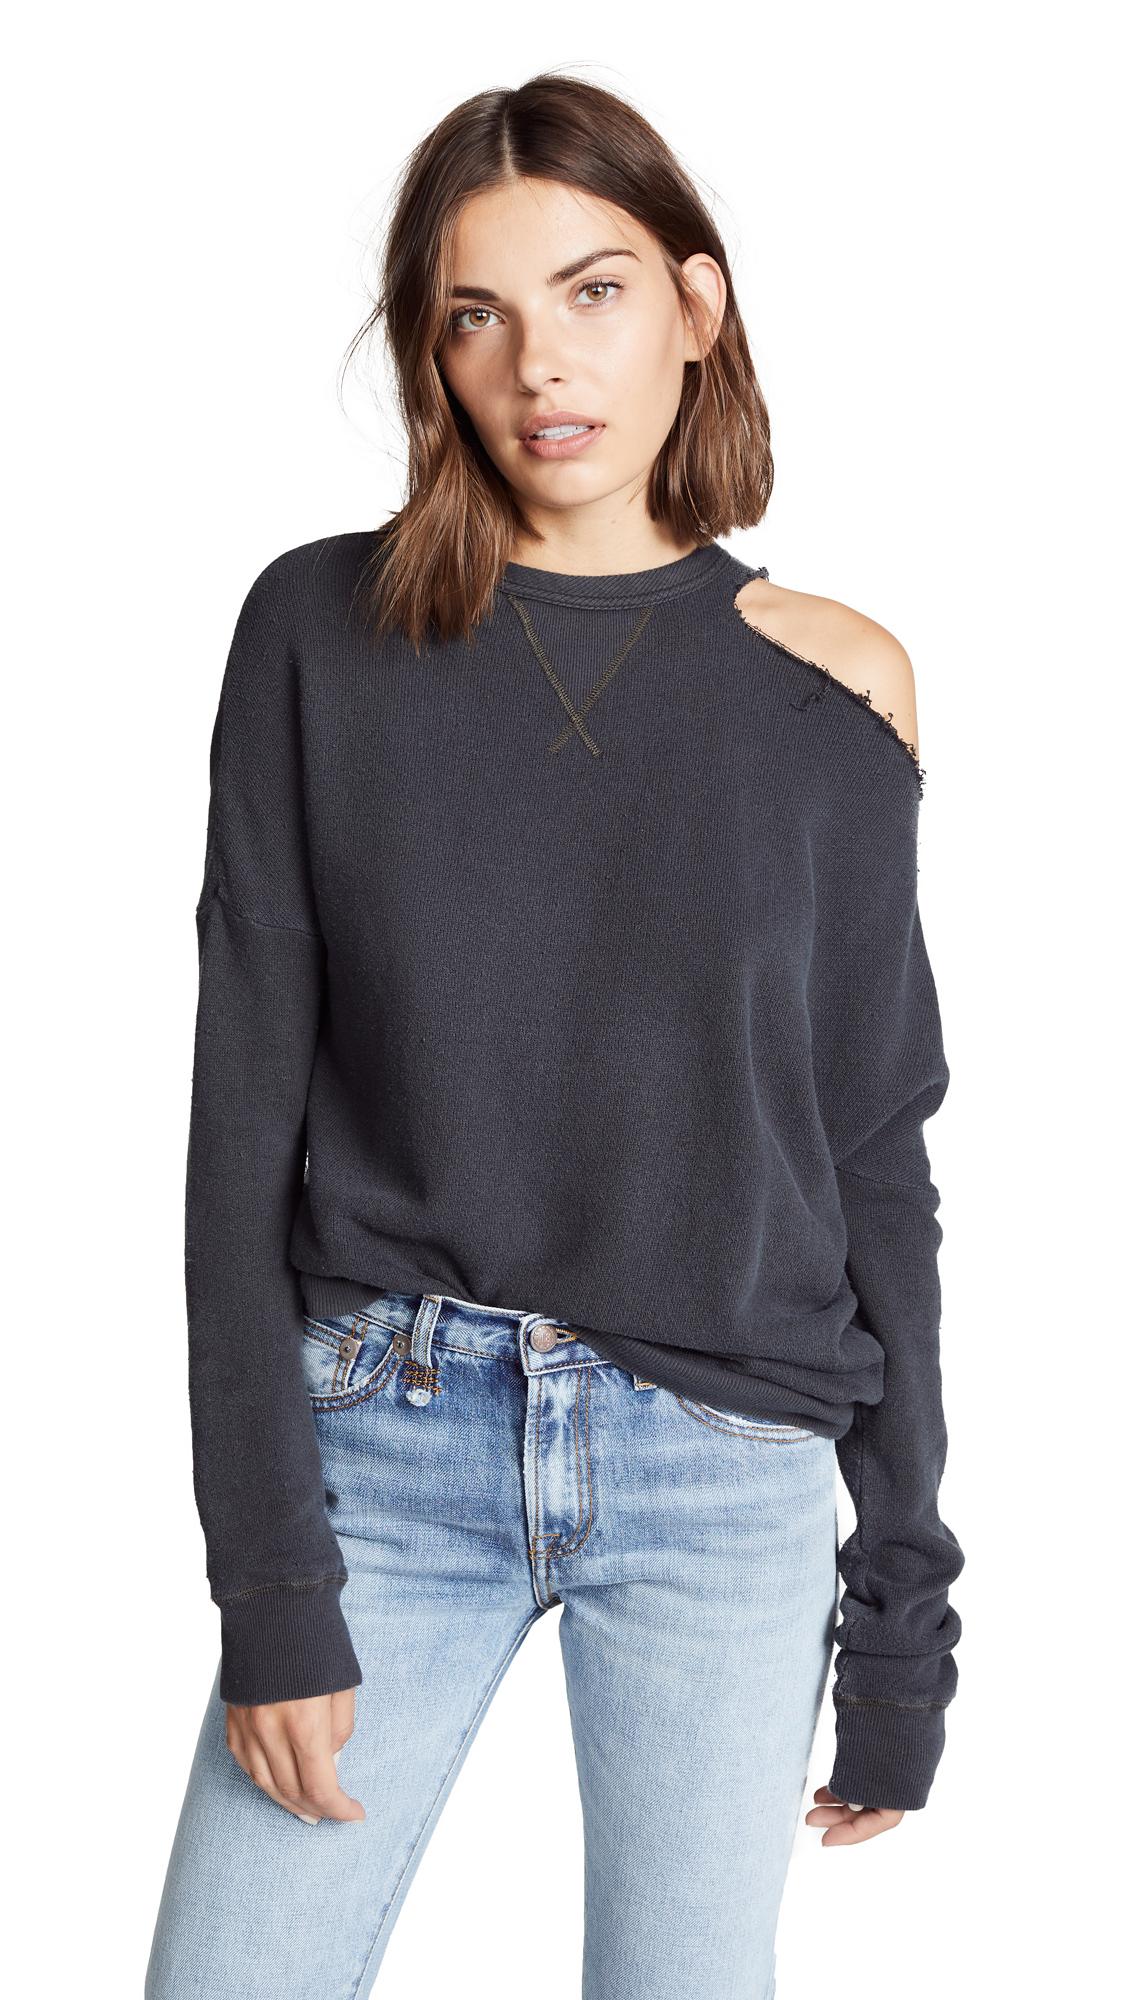 R13 Distorted Sweatshirt In Vintage Black